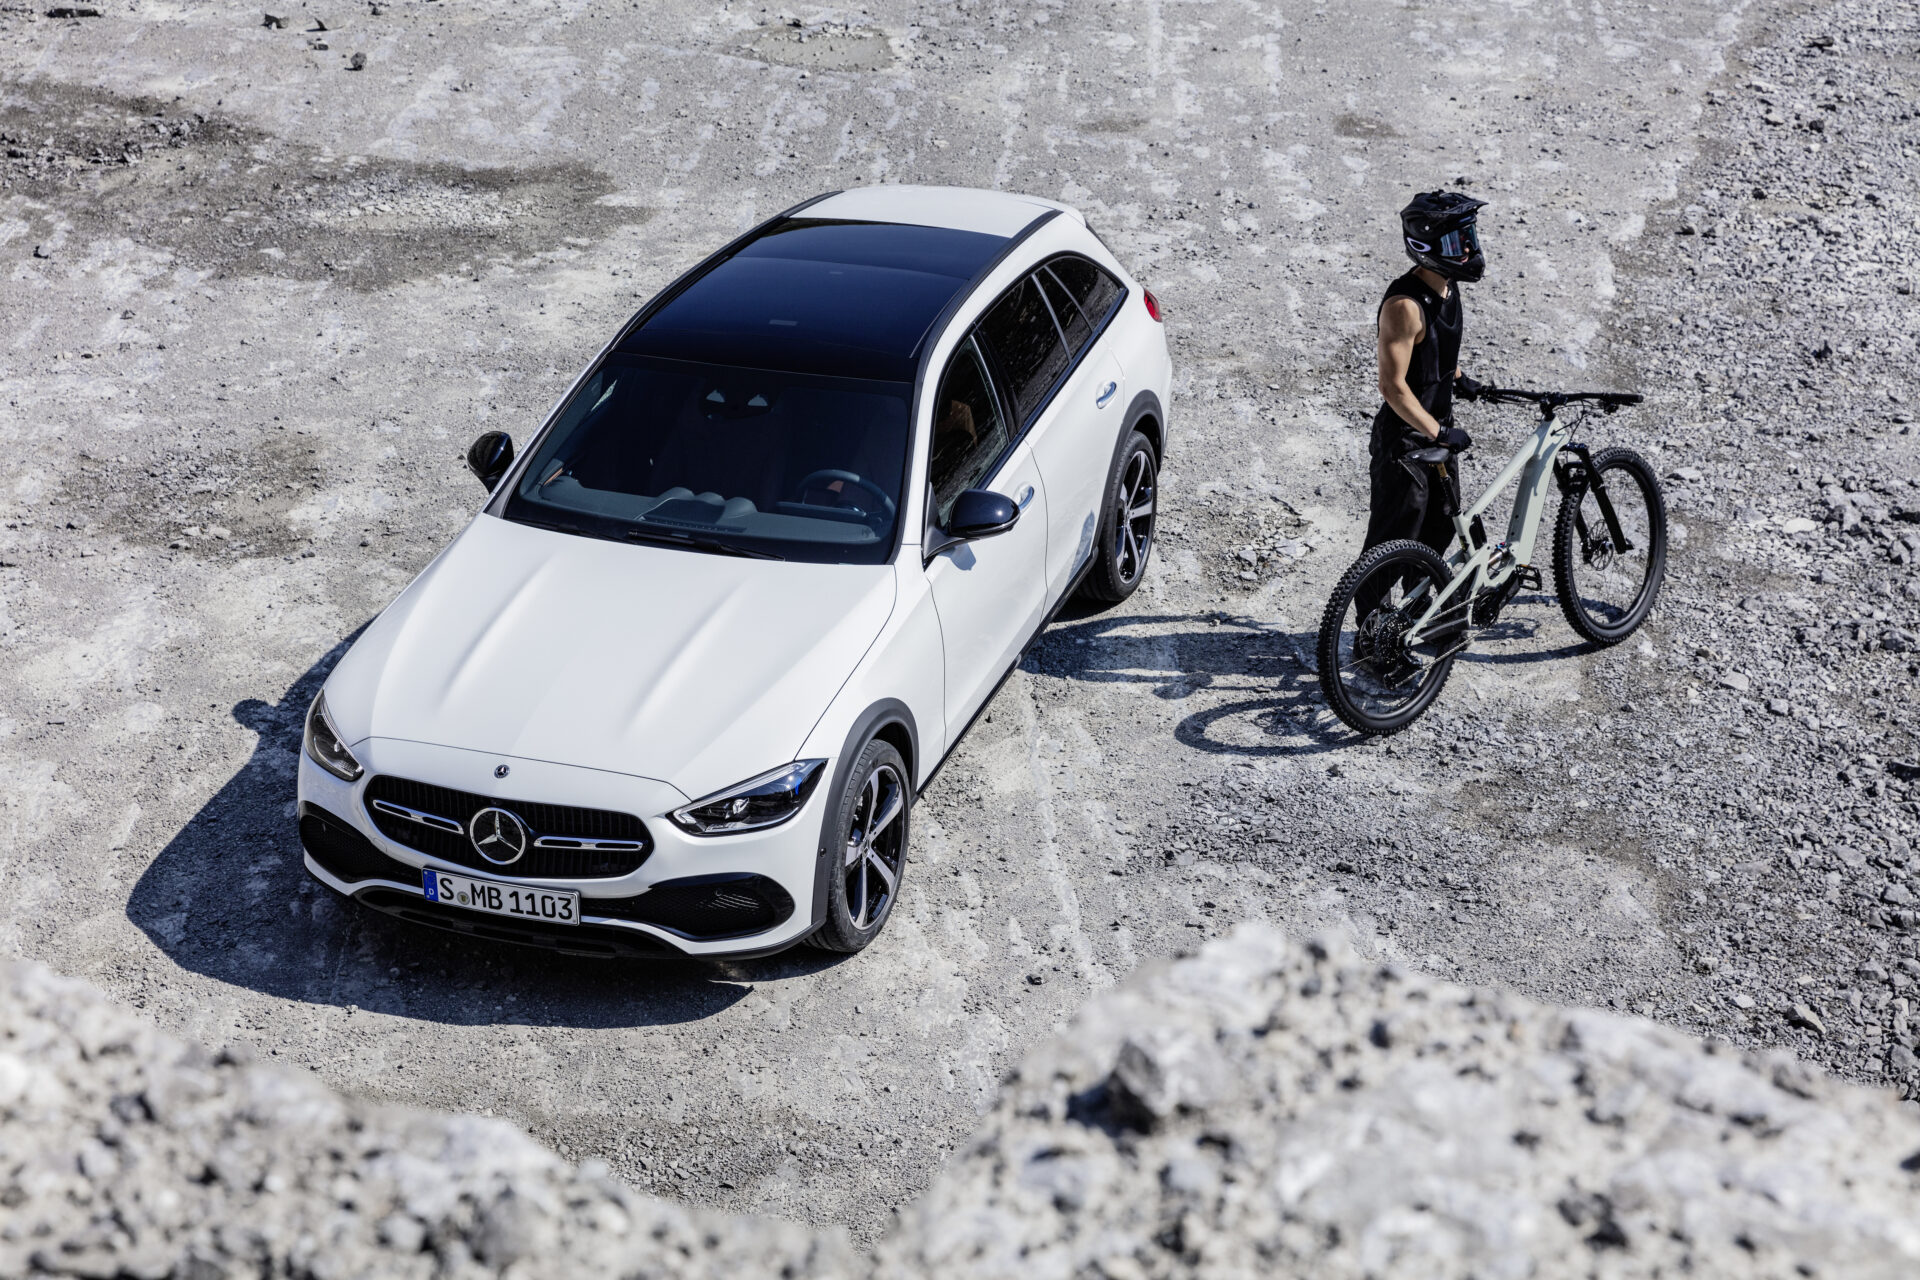 Nuevo Mercedes-Benz Clase C Estate All-Terrain 2021: la berlina familiar alemana presenta su versión más versátil con tracción total y mecánicas electrificadas